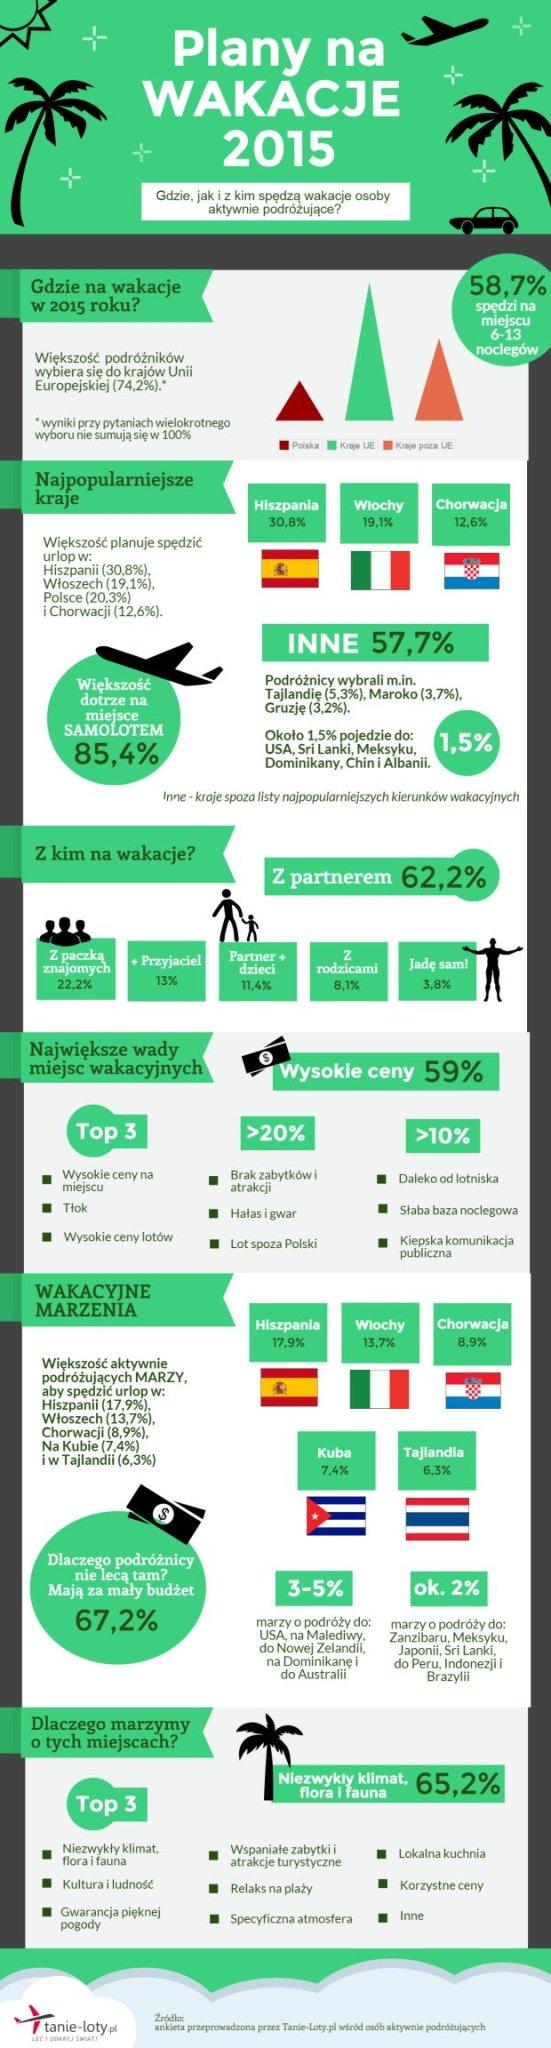 Plany Polaków na wakacje 2015